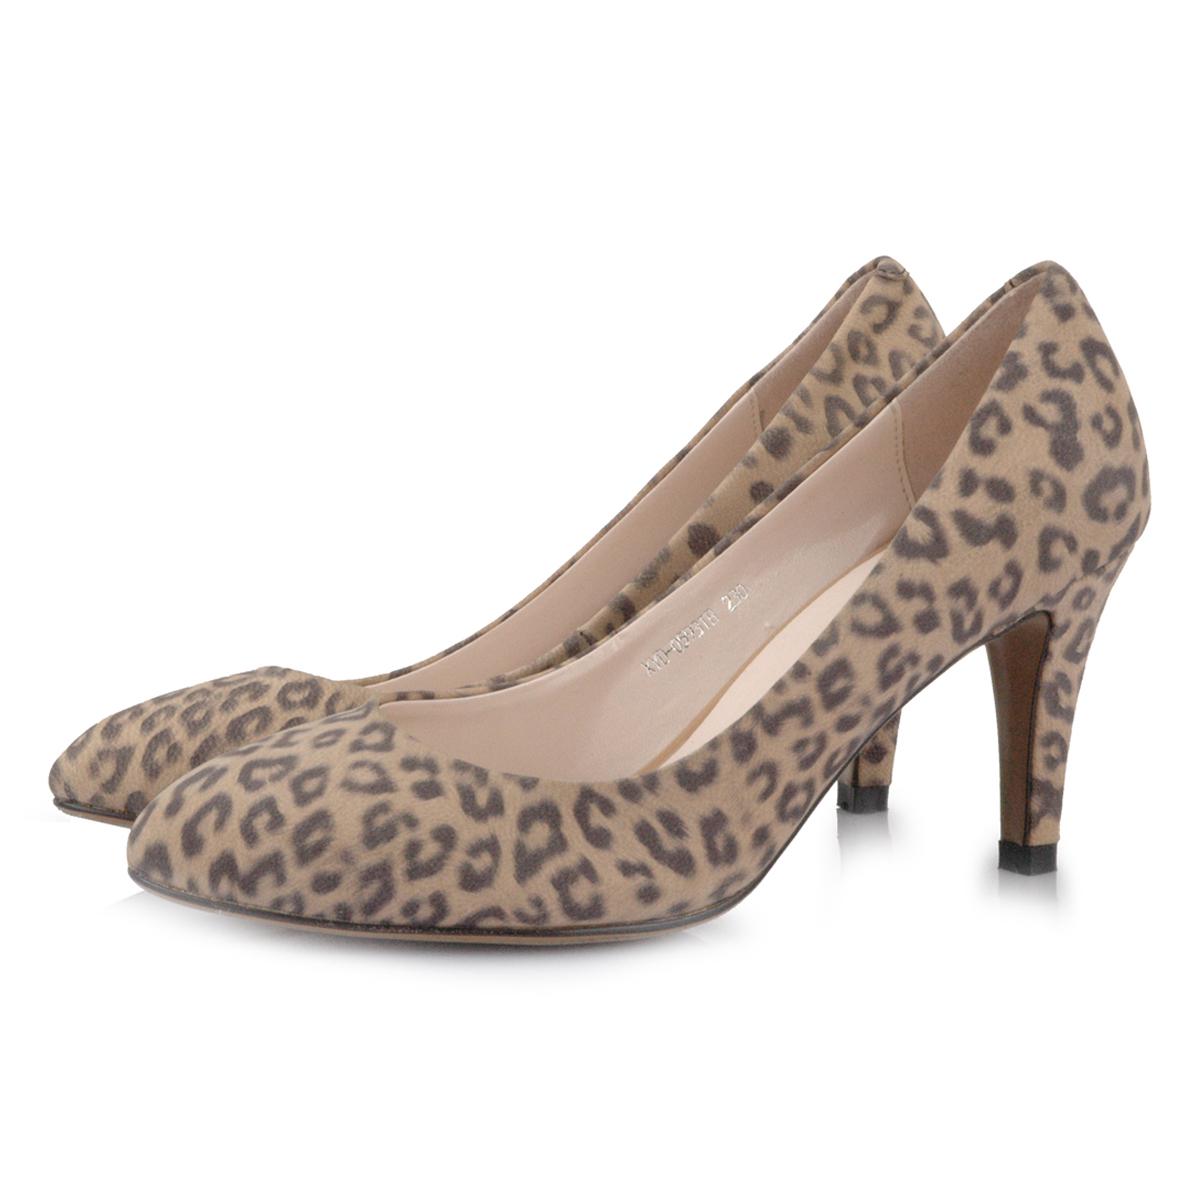 春秋季新款浅口牛皮豹纹尖头高跟鞋 真皮细跟印花皮女鞋